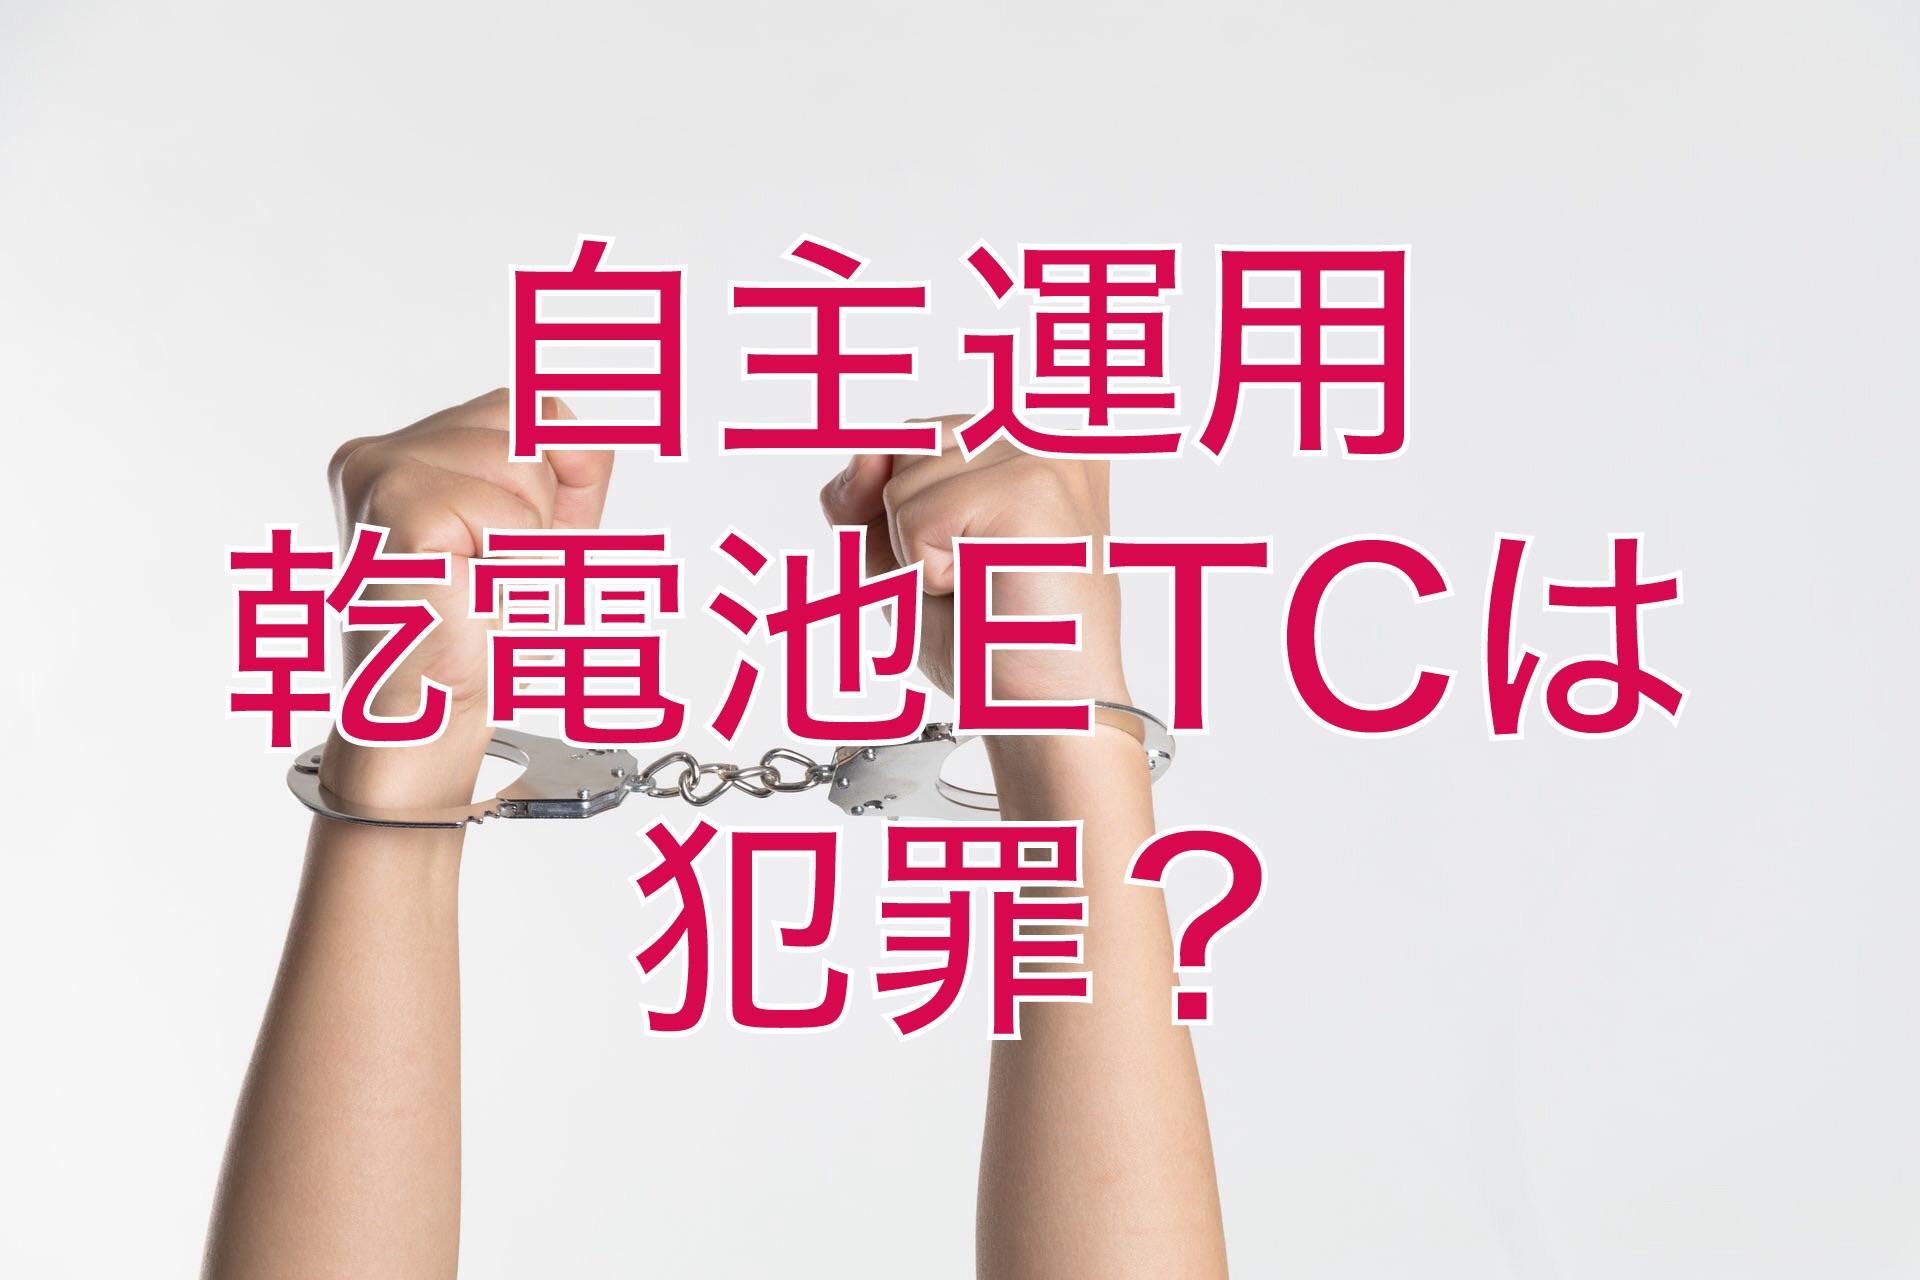 自主運用ETC、乾電池ETC、犯罪、法律